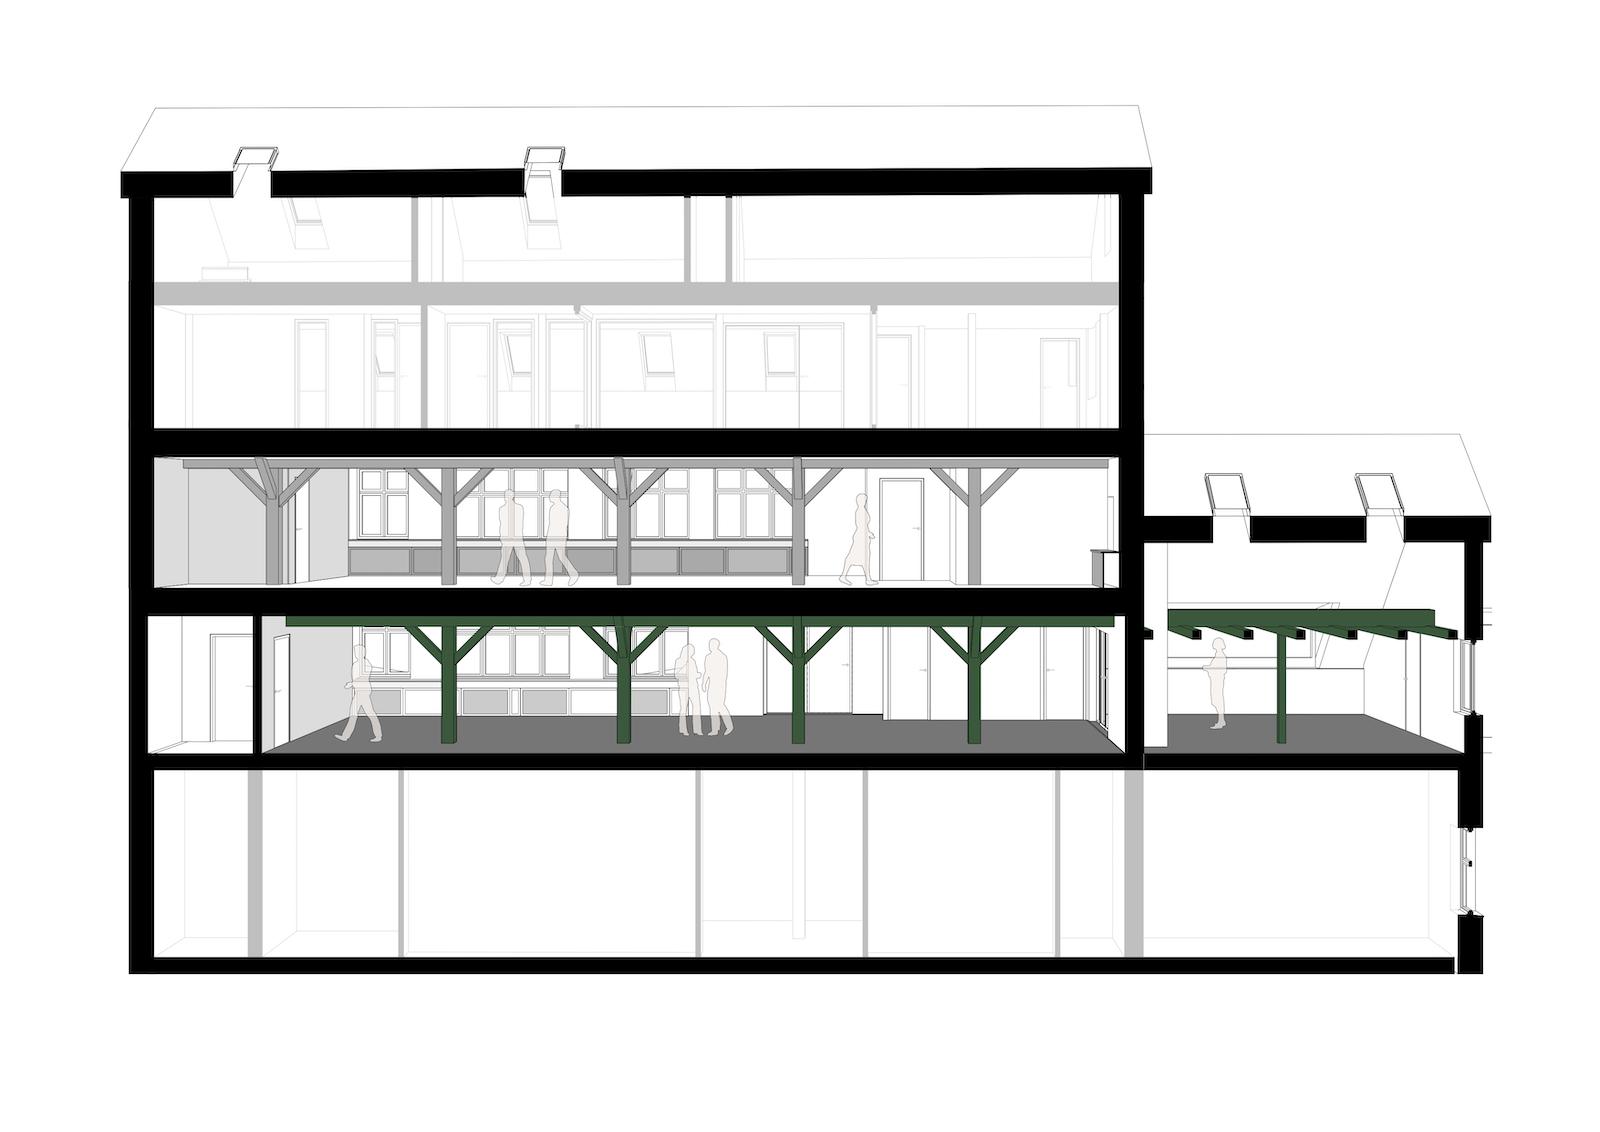 Ombygning af industribygninger til kontorer: Dortheavej 10 og 12 (tegning: Snit C)